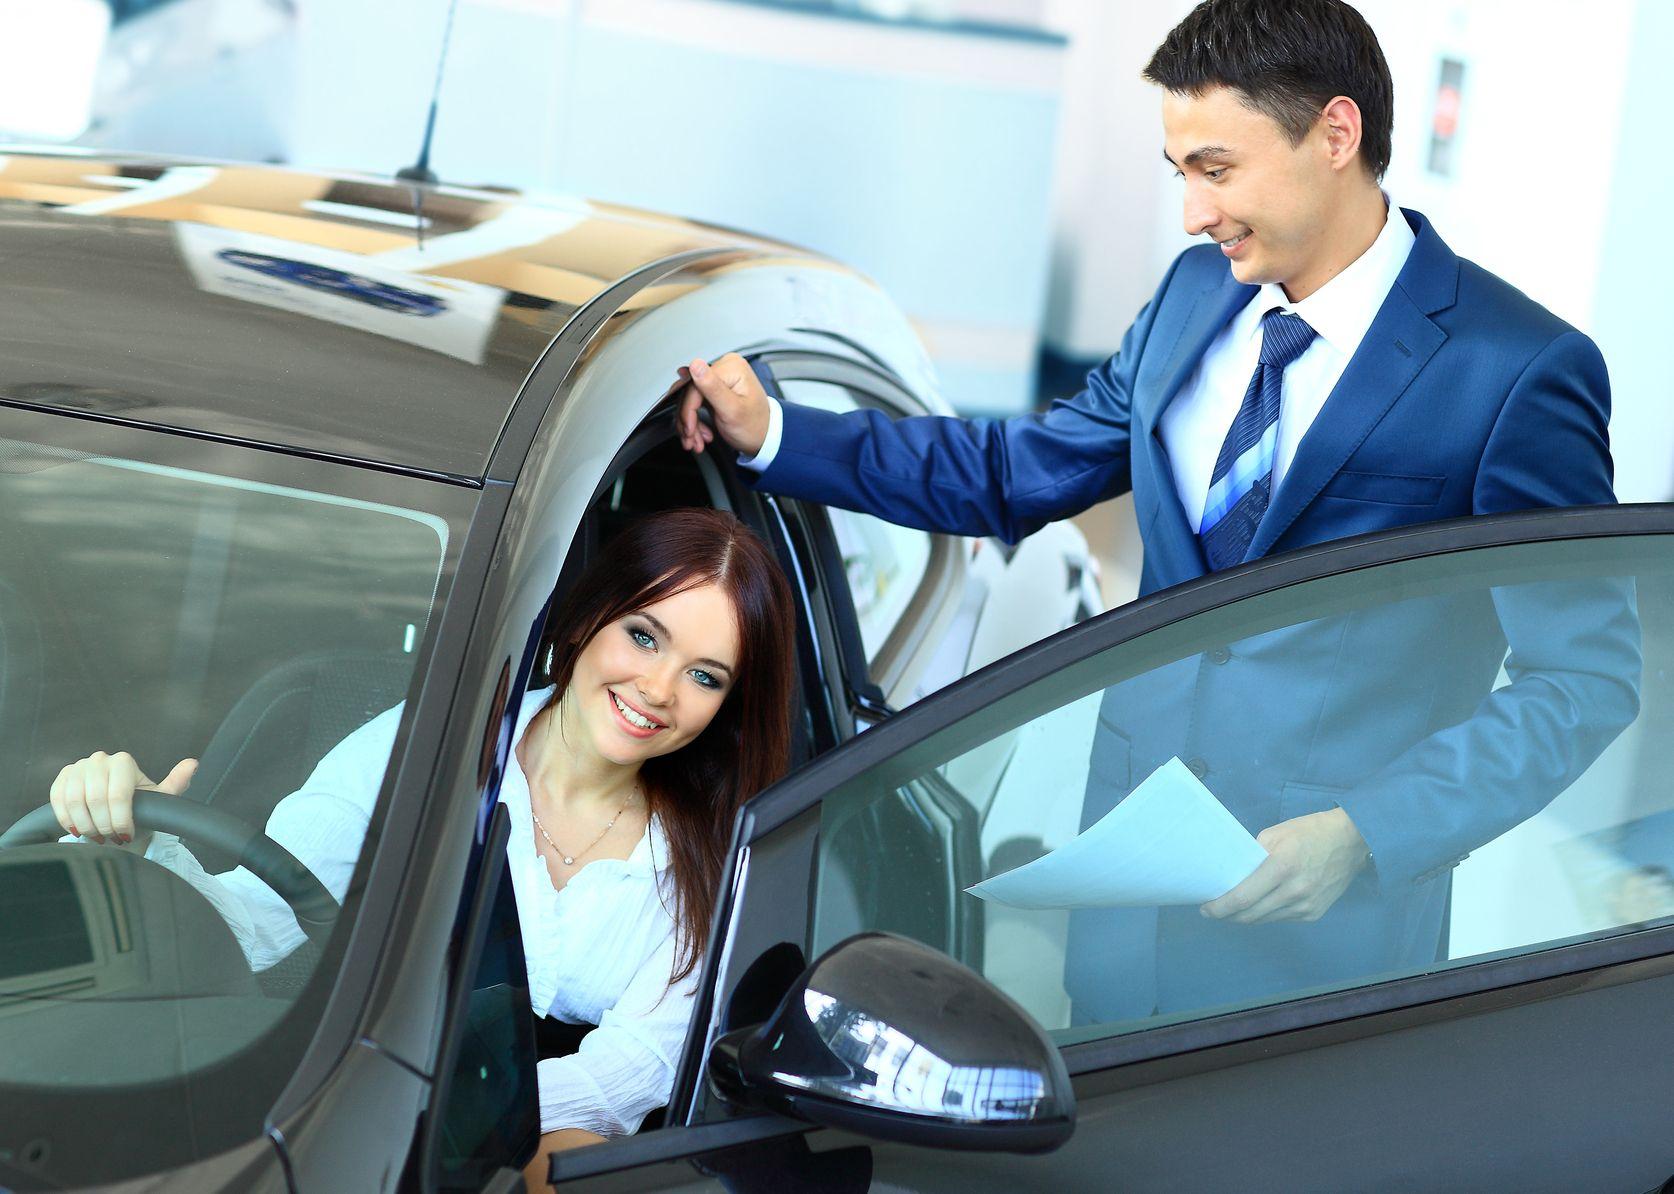 Careers in sales and leasing car salesman buy used cars